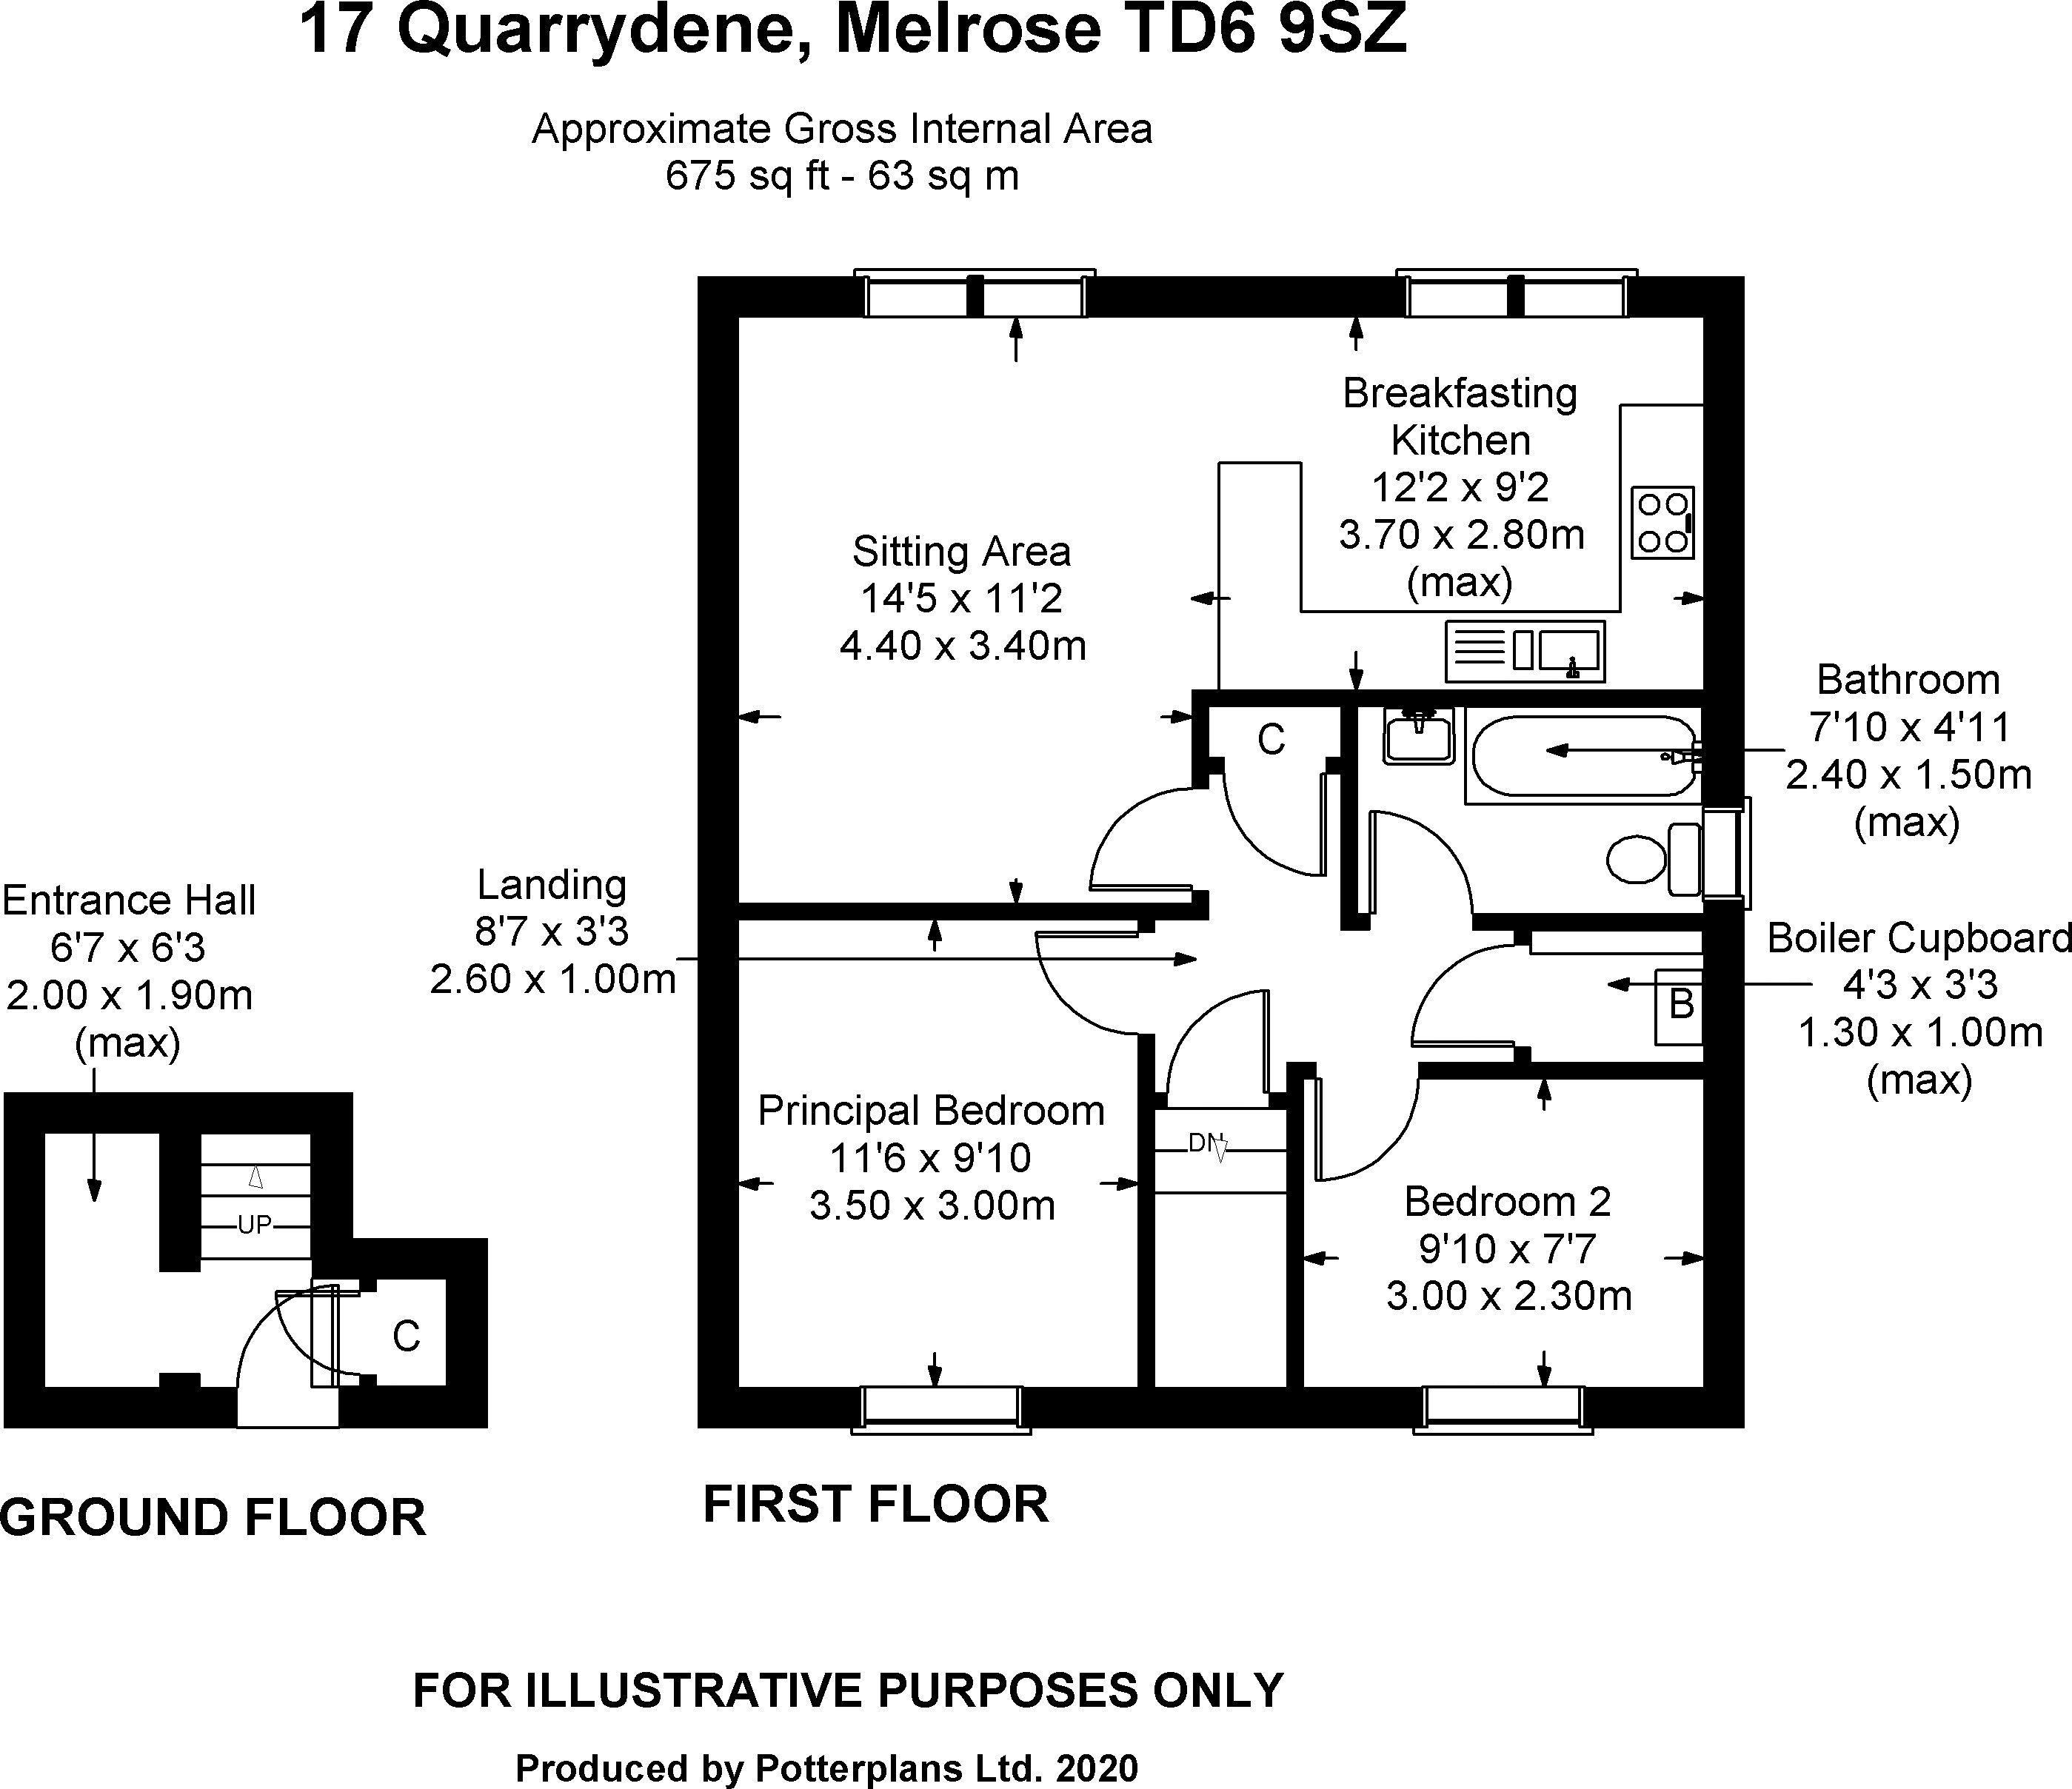 17 Quarrydene Floorplan